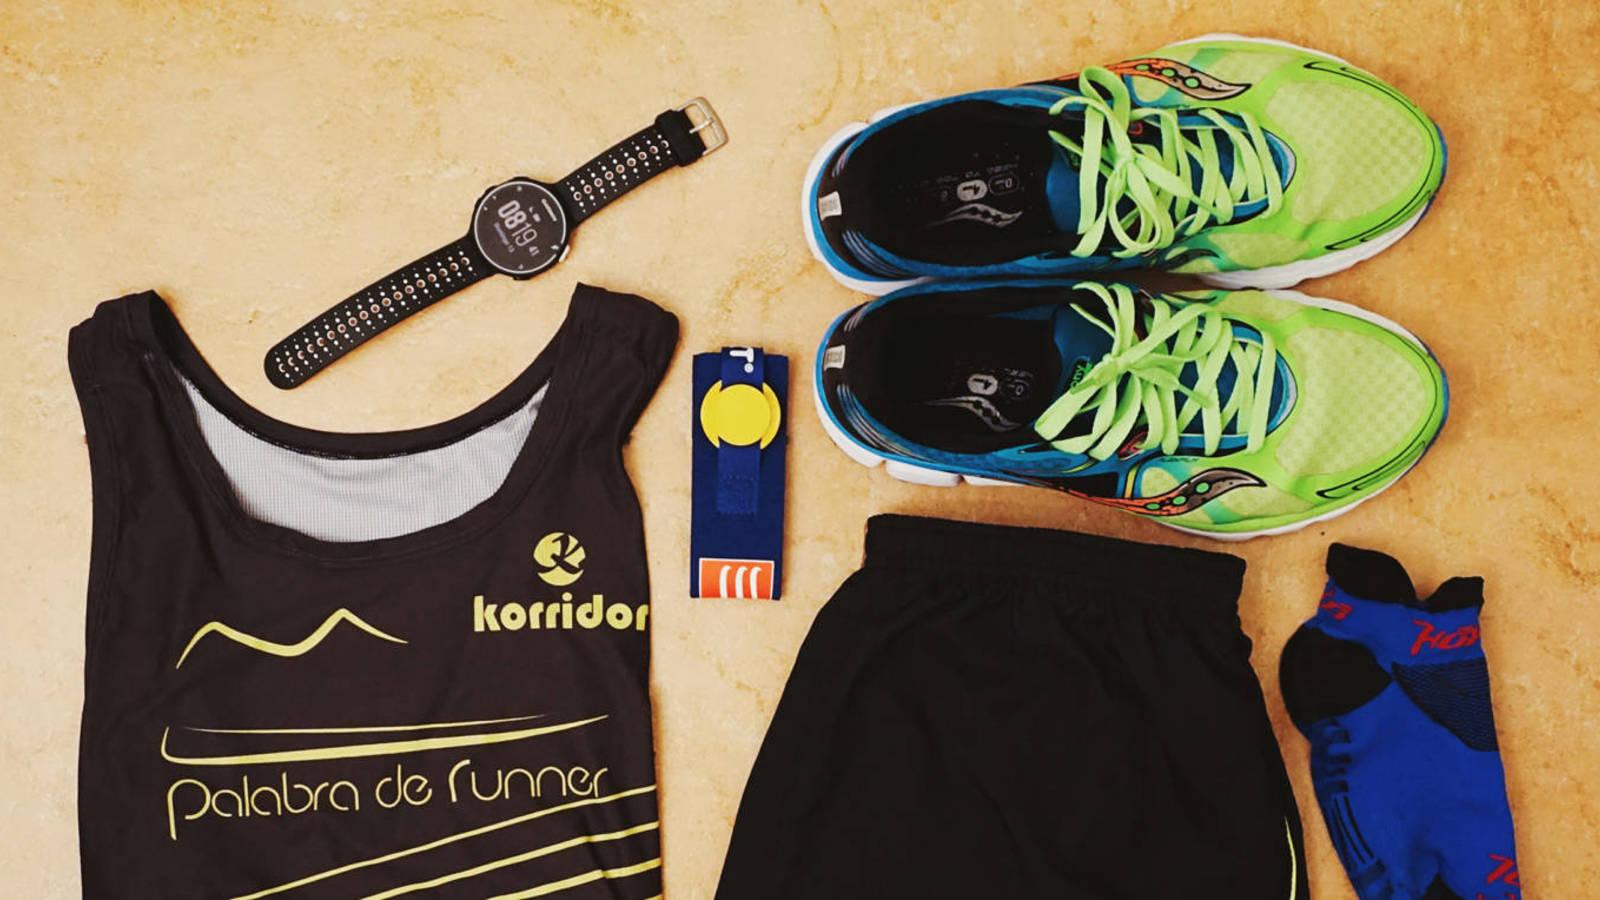 Qué ropa utilizar cuando quieres salir a correr